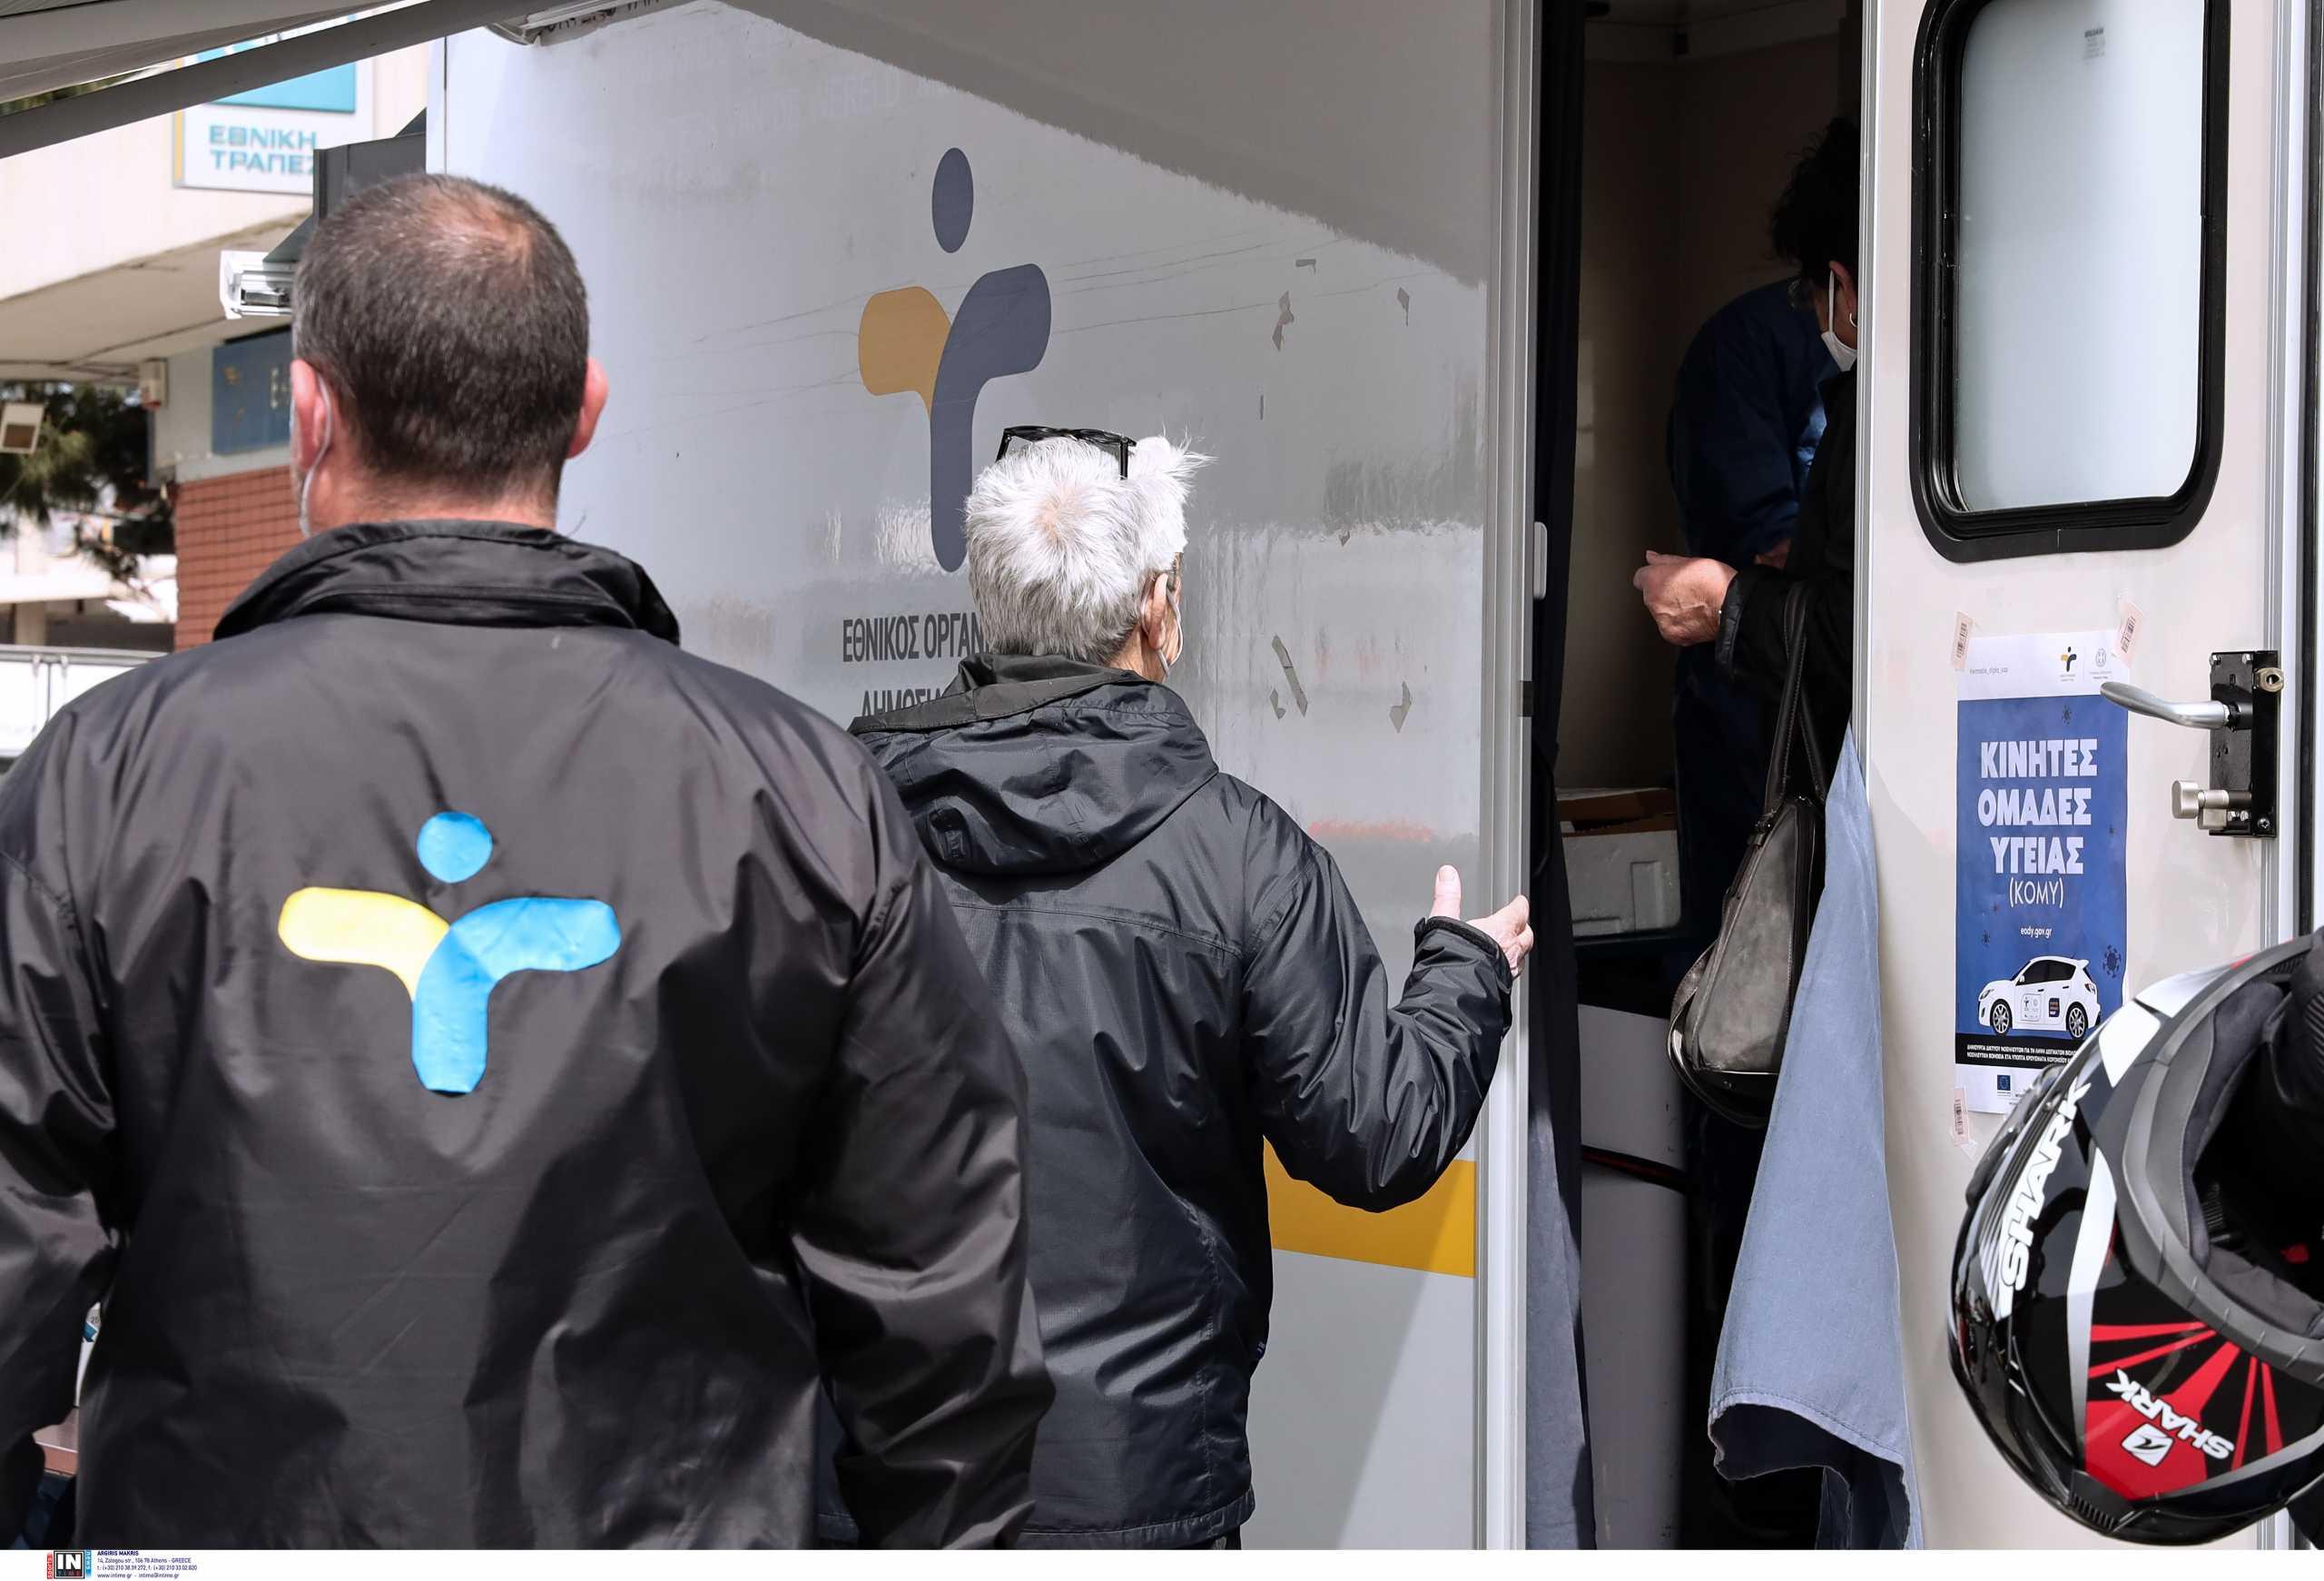 Κιλκίς – Κορονοϊός: Ένταση στο τελωνείο Ευζώνων με οδηγό που αρνήθηκε να κάνει self test